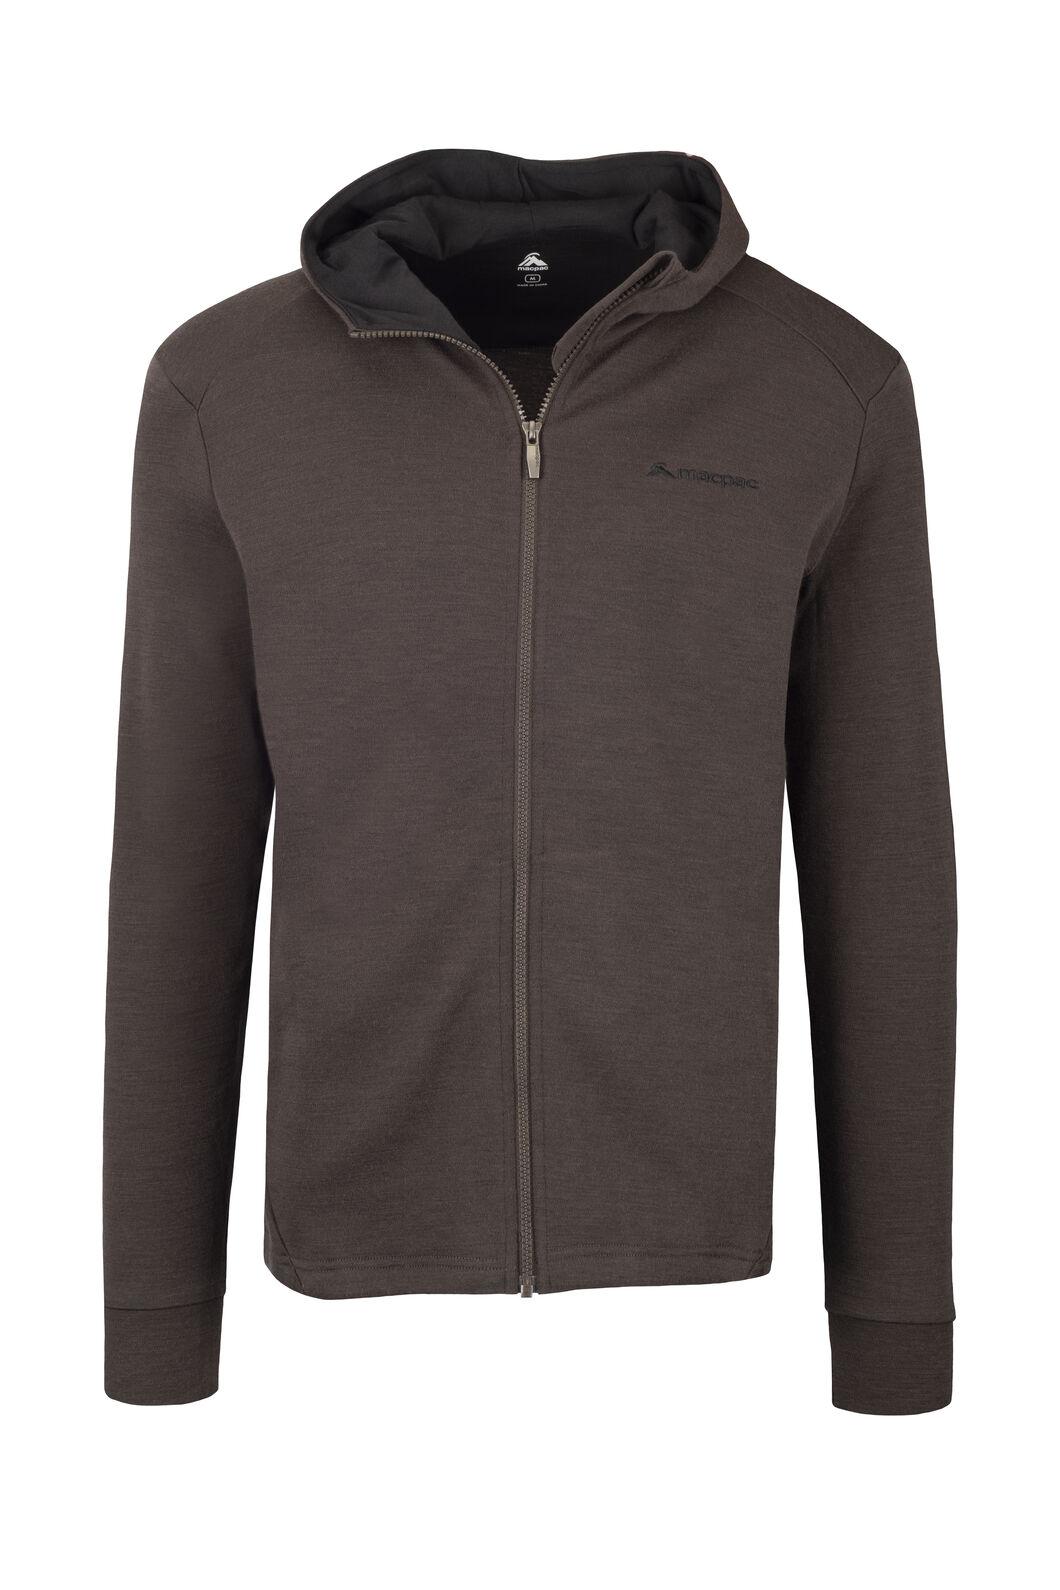 Macpac Ohau 320 Merino Hooded Jacket — Men's, Black Olive, hi-res